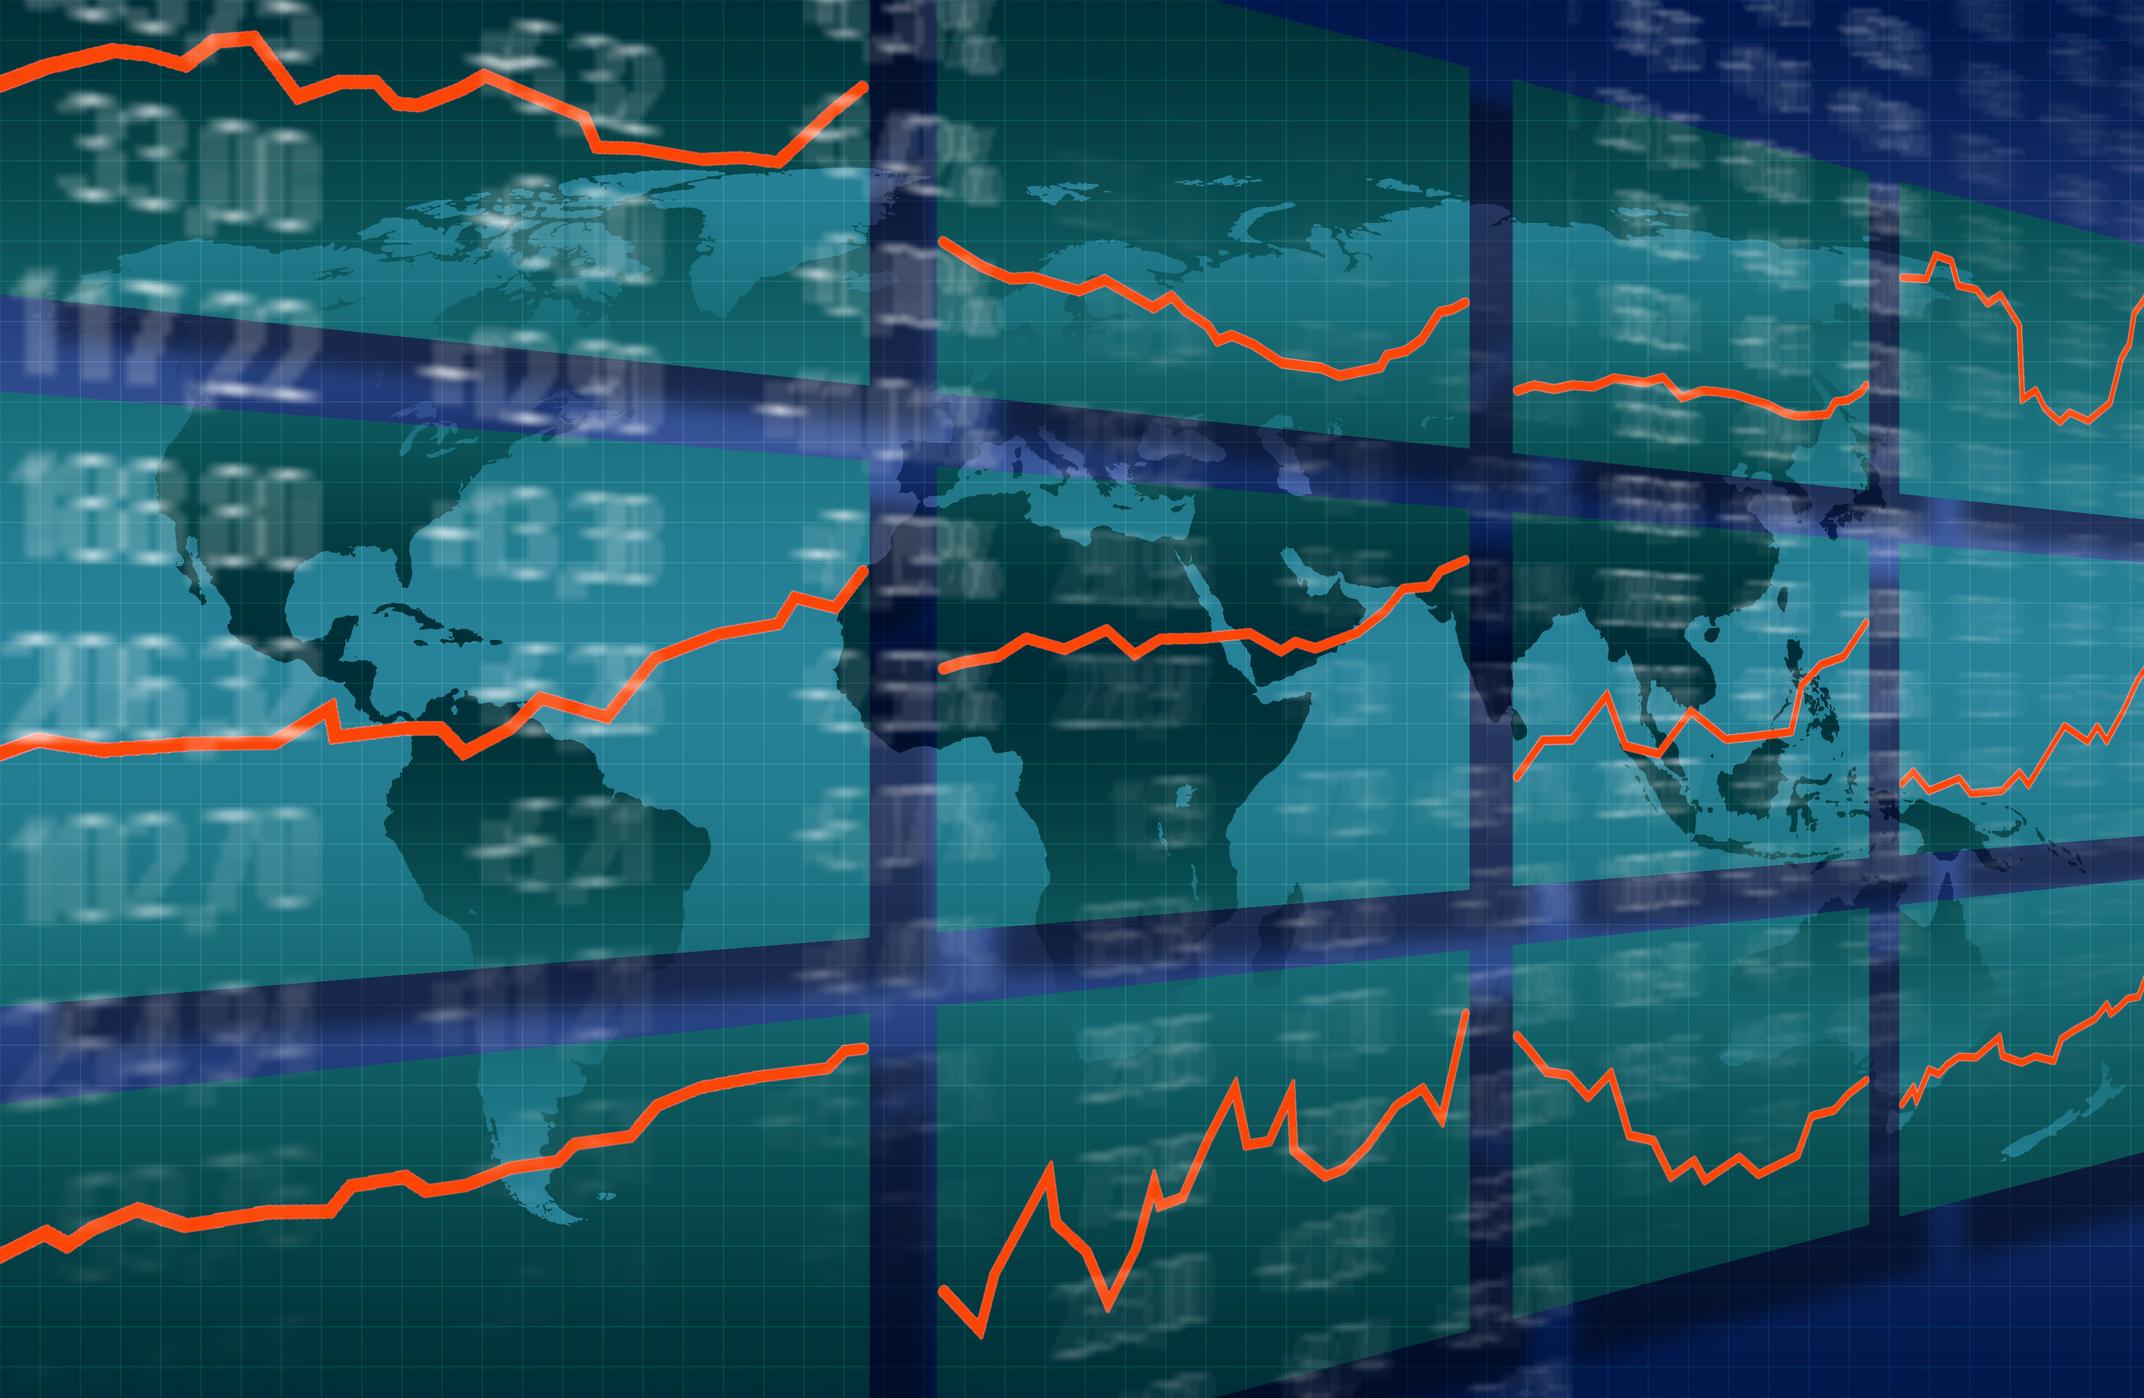 محللون : الأسواق الإماراتية في صعود وبحاجة لمزيد من المحفزات